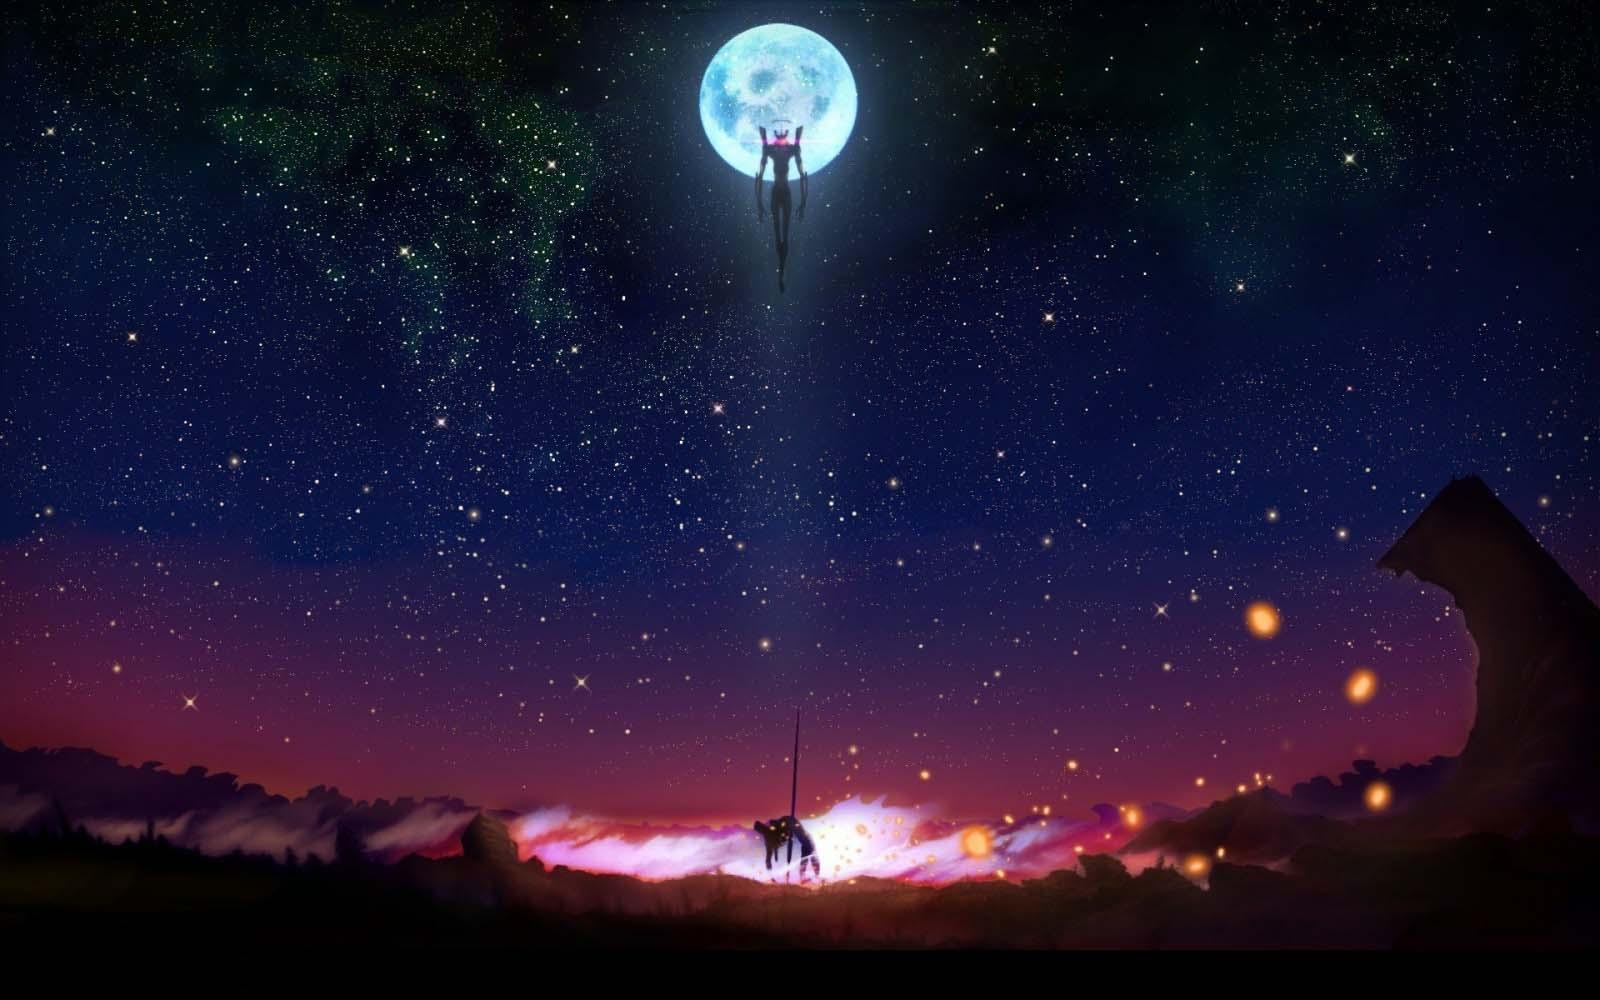 Hình ảnh anime galaxy đẹp cho pc